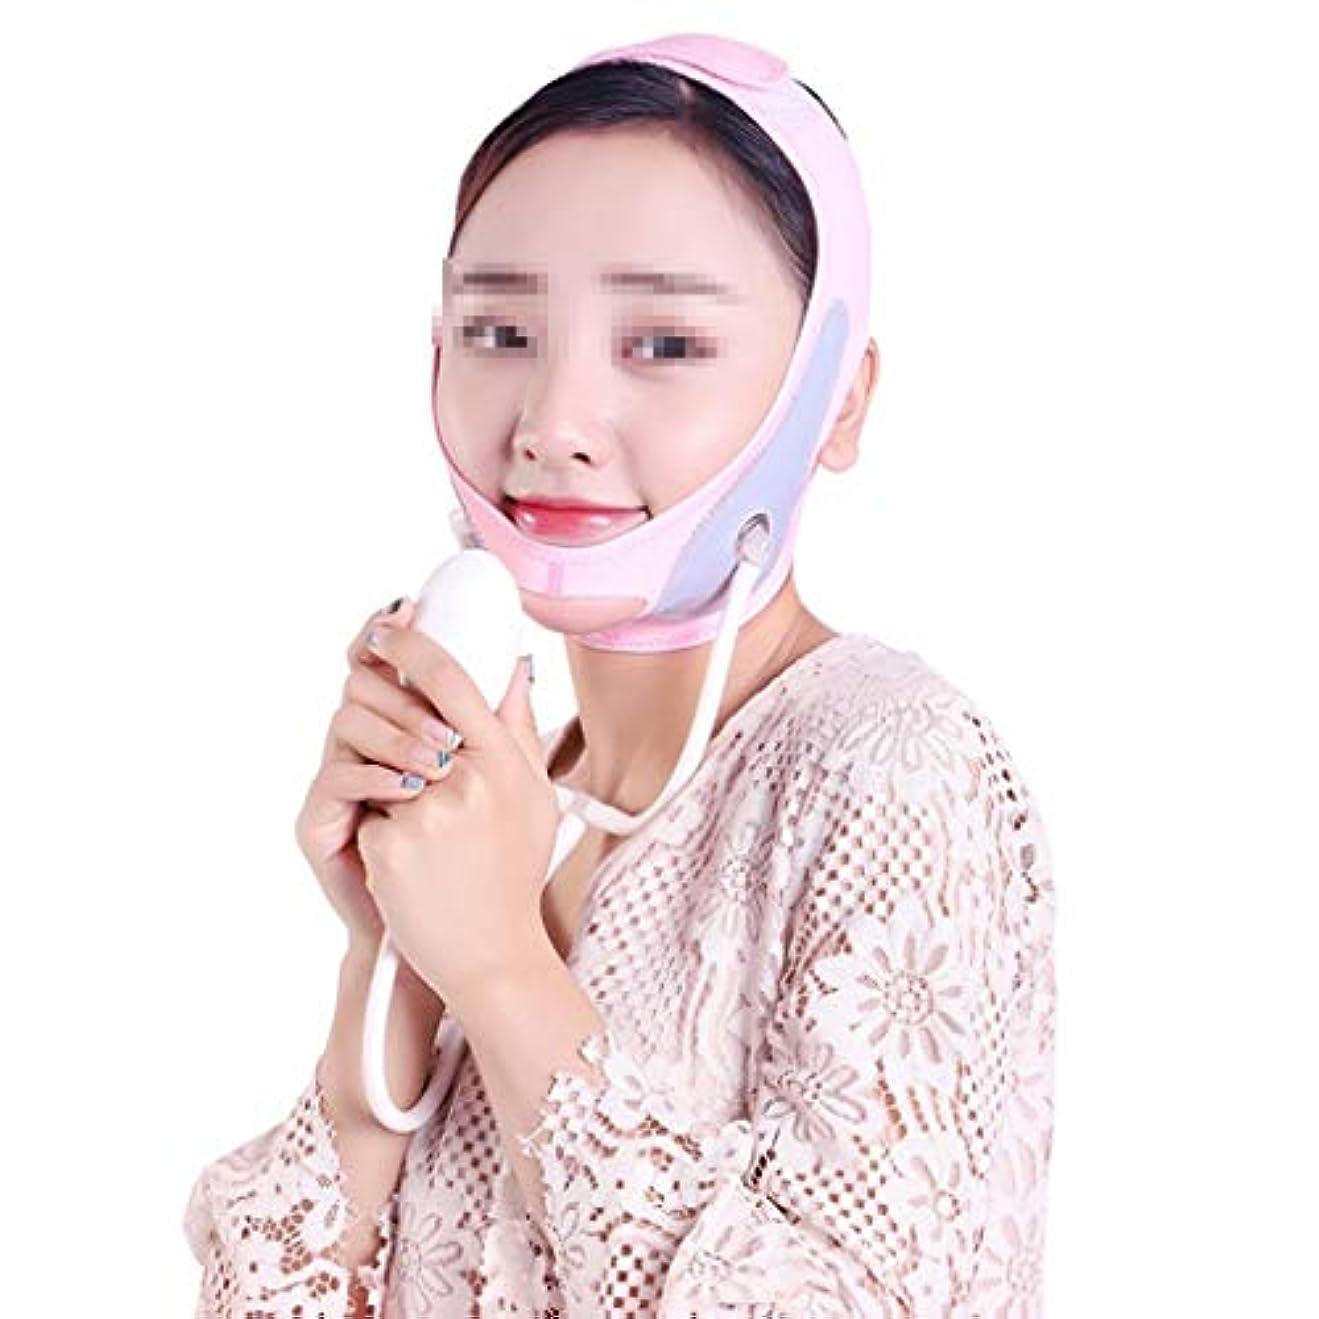 腹角度豚肉インフレータブルフェイスリフティングマスク、小さなVフェイスステッカーリフトプル形状の筋肉引き締め肌二重あご包帯